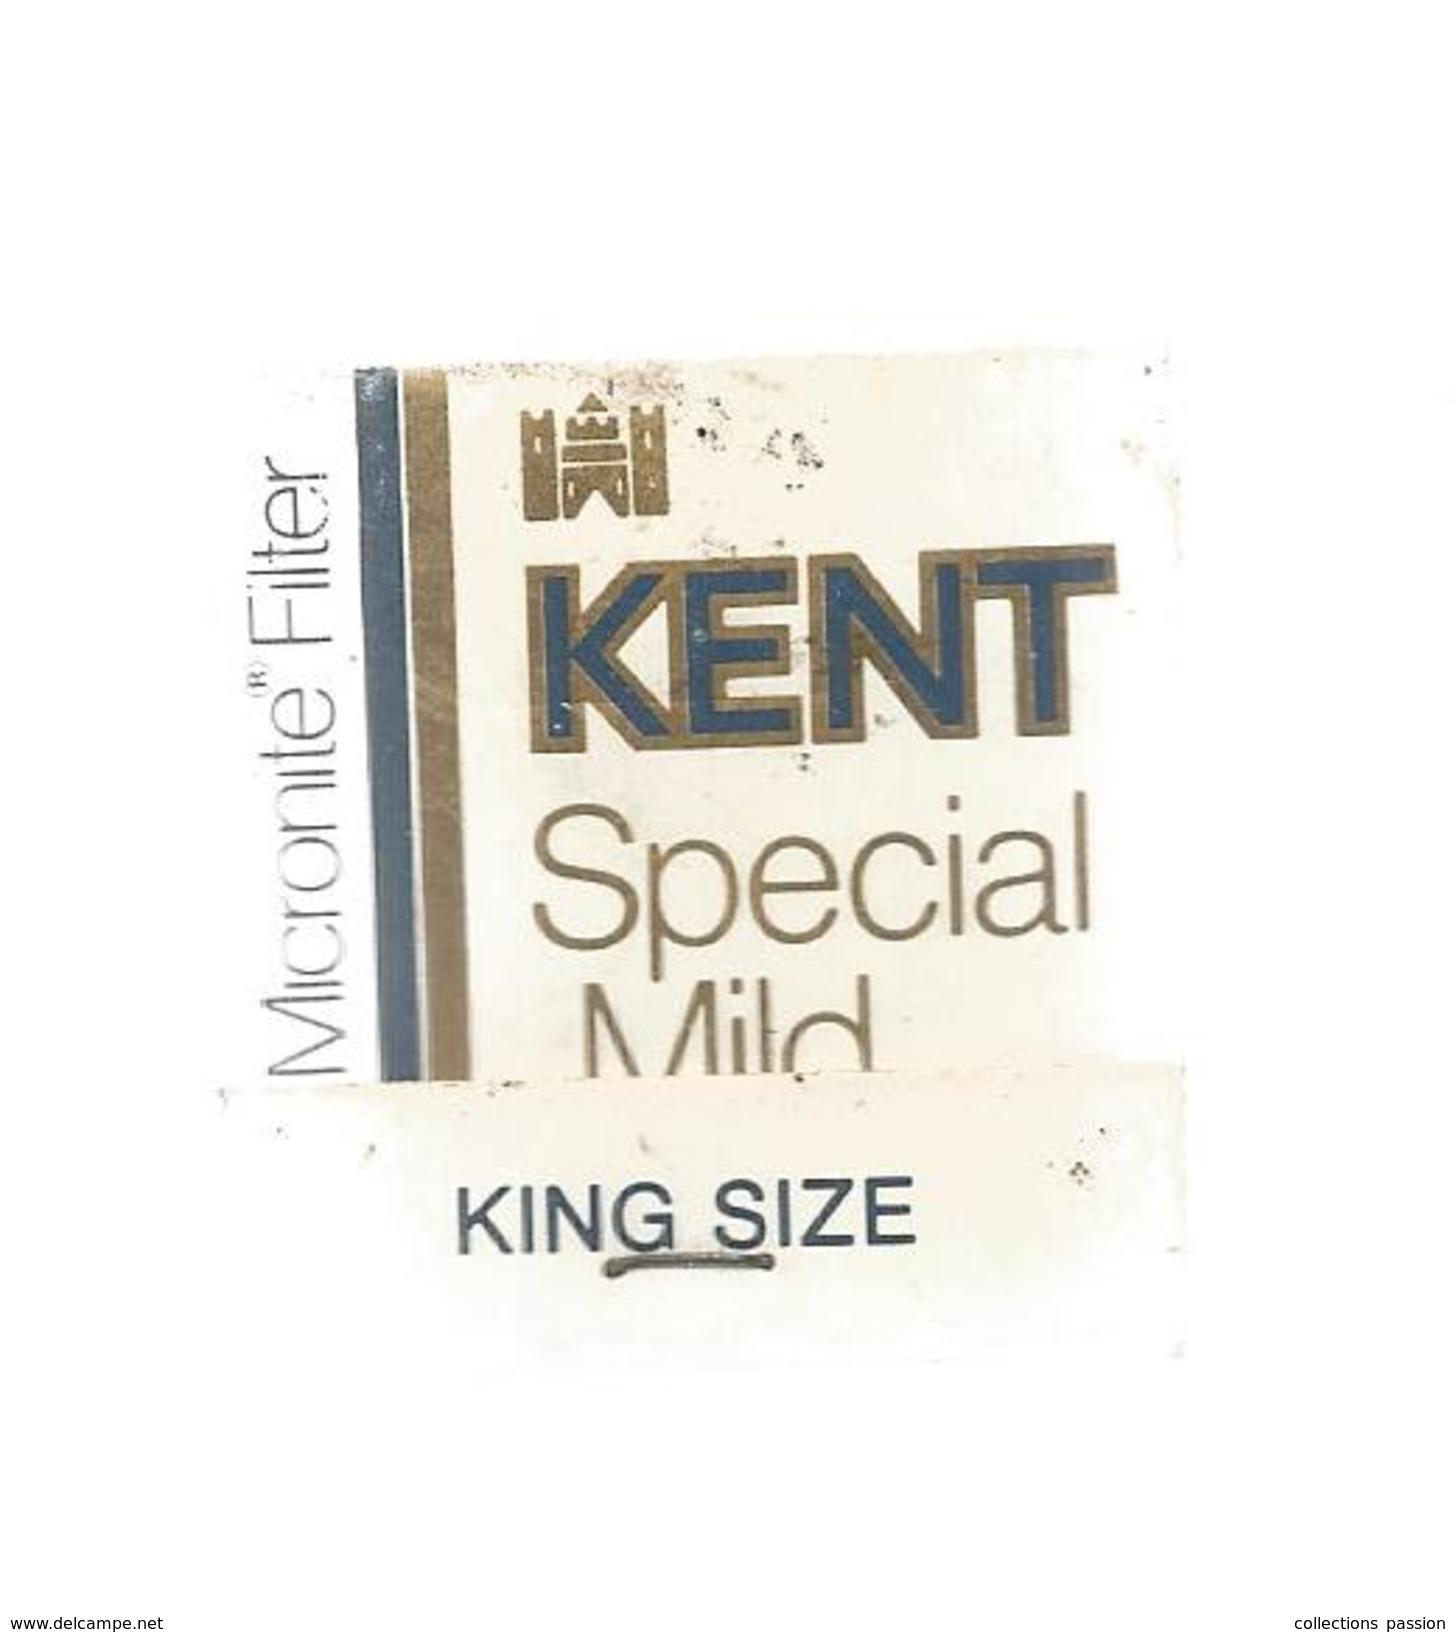 G-I-E, Tabac, Boite, Pochette  D'ALLUMETTES, Publicité, 2 Scans, Cigarettes KENT Special Mild , King Size - Matchbox Labels